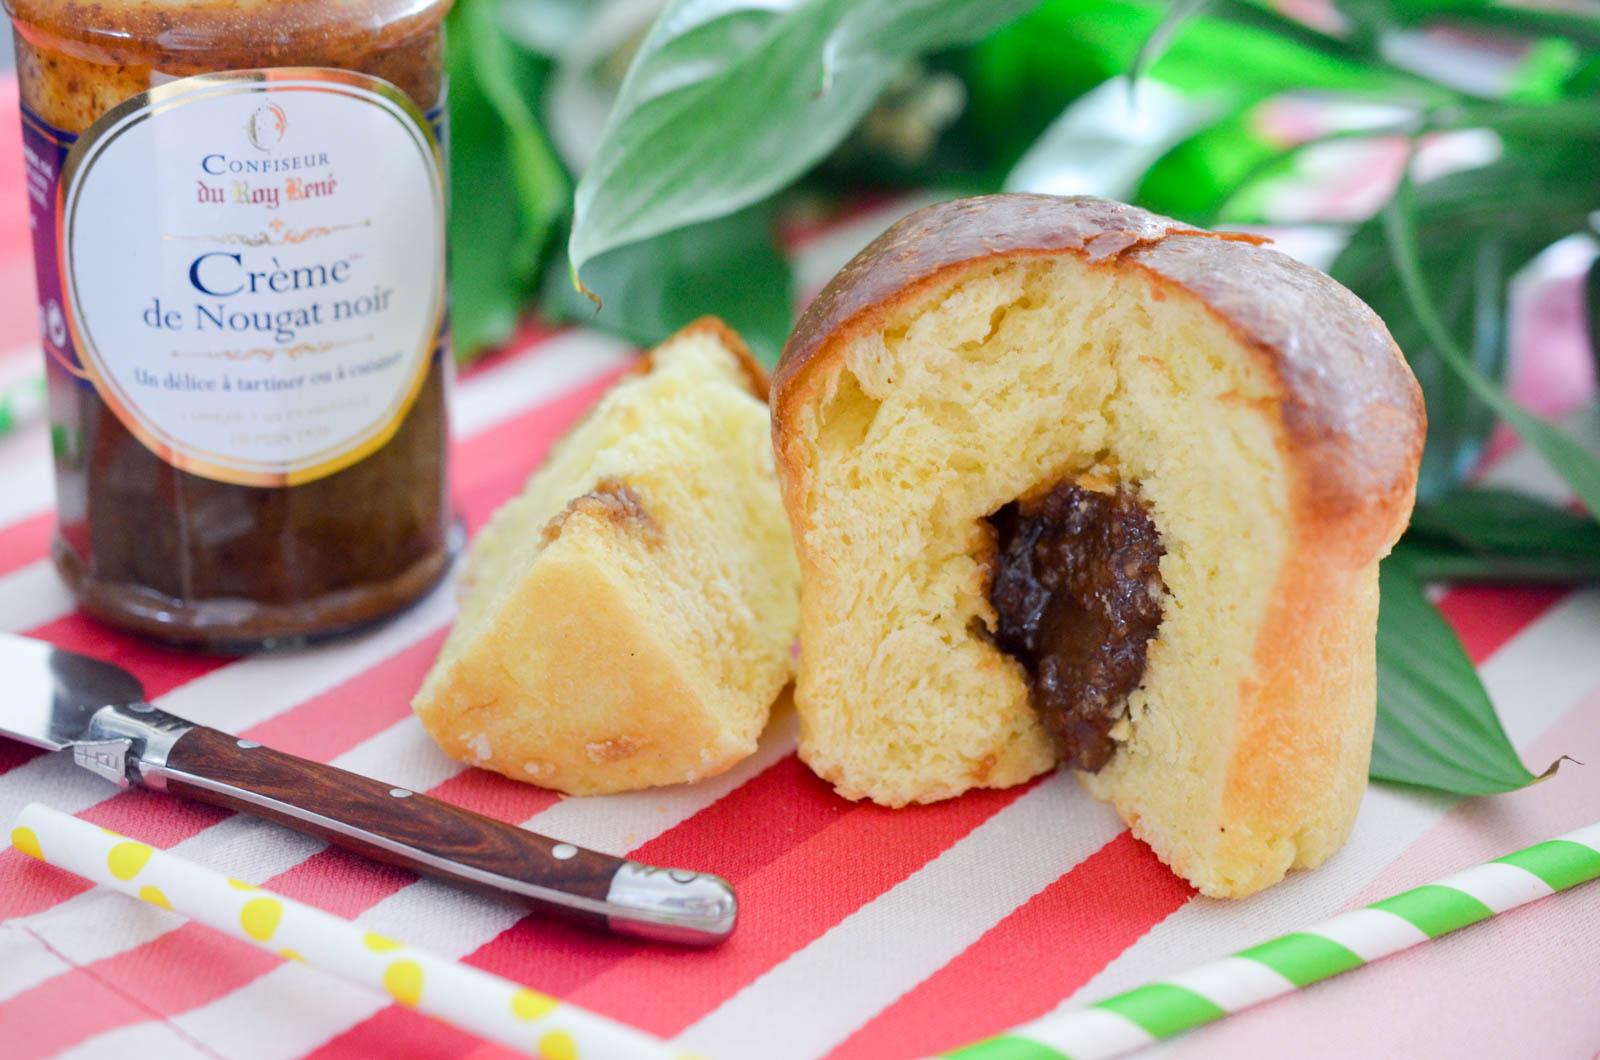 Brioche Crème Nougat Noir Roy René Confiseur (3 Sur 3)